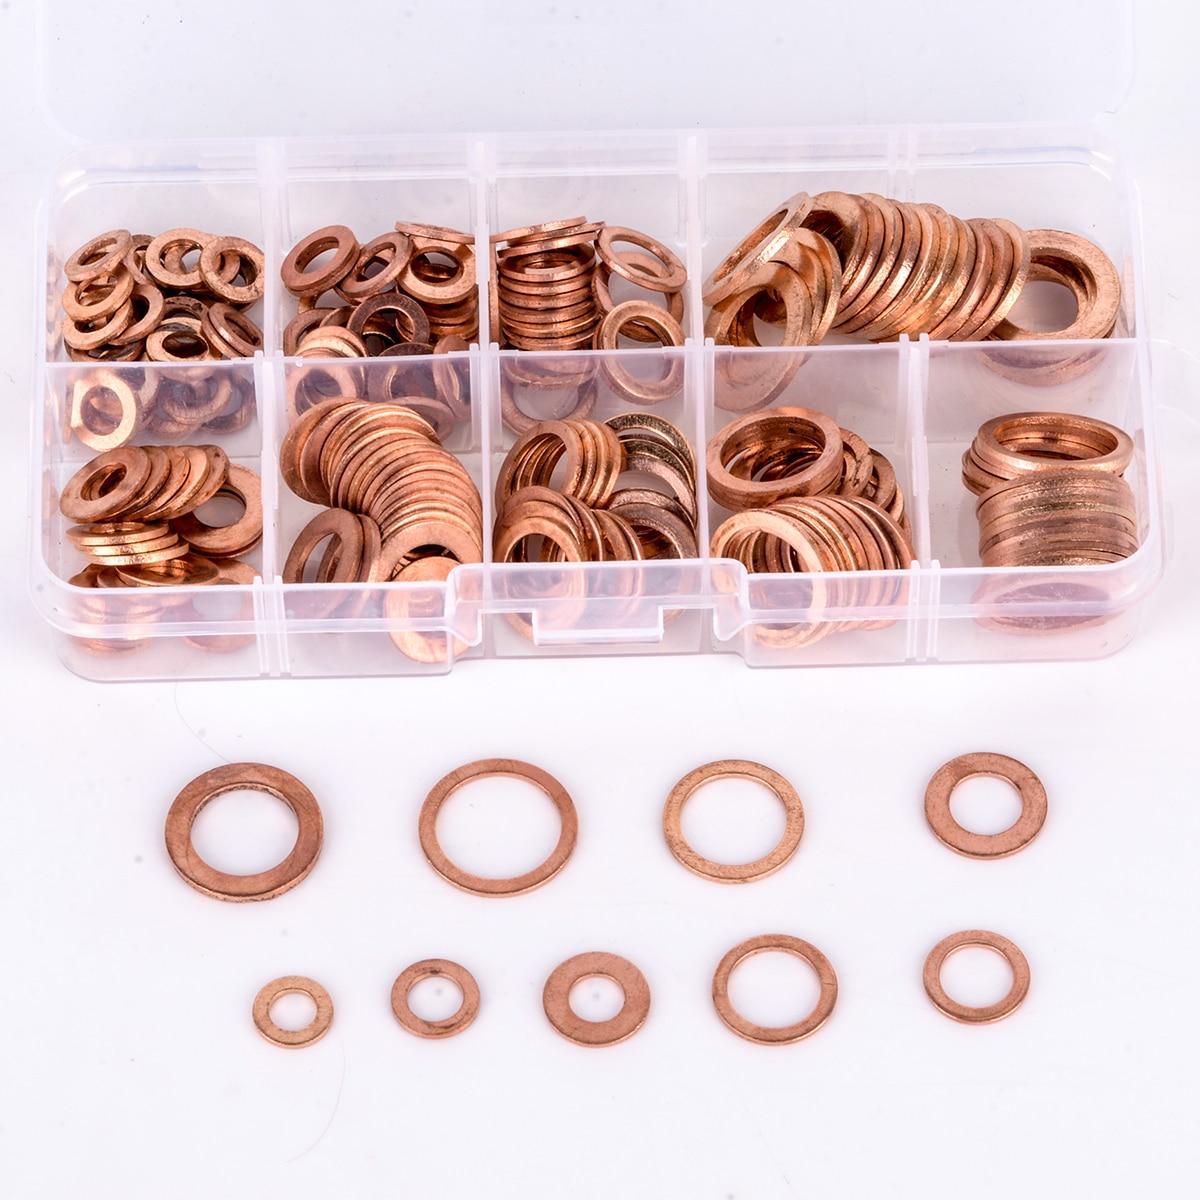 200 pz 9 Formati di Rame Rondella Guarnizione Set Anello Piatto Seal Kit Set con Scatola Di Plastica M5/M6/M8/M10/M12/M14 Per I Generatori Macchine